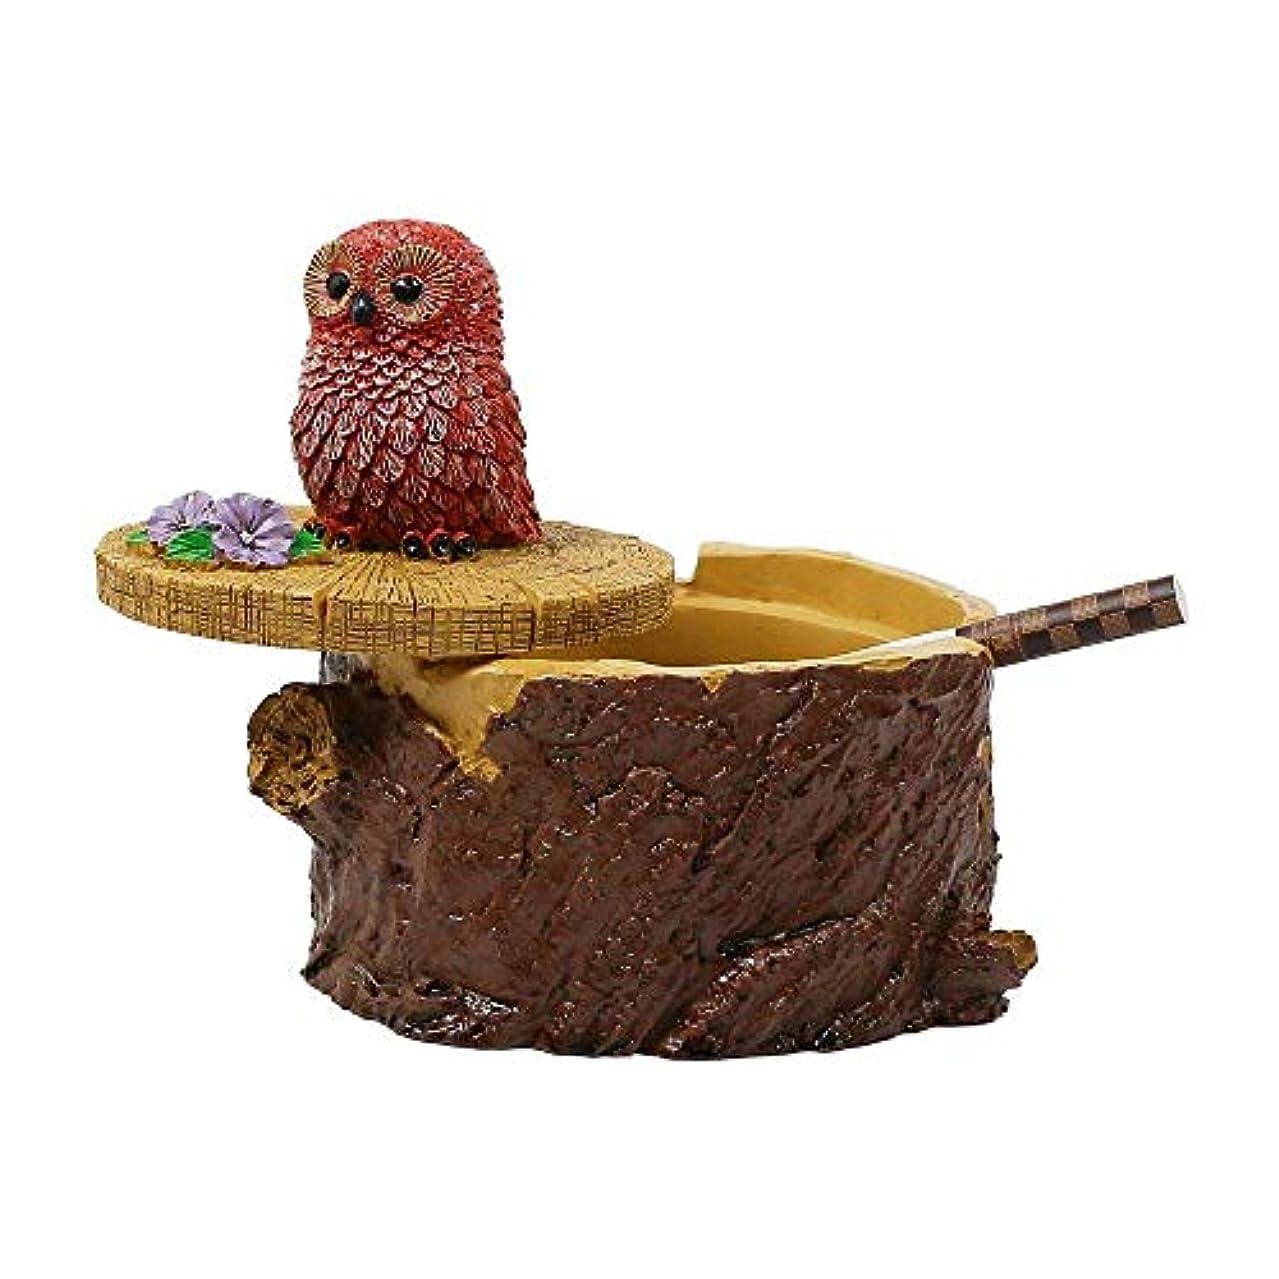 警告クラッシュ本部タバコのための屋外灰皿家庭と庭のための蓋のかわいい樹脂フクロウの灰皿